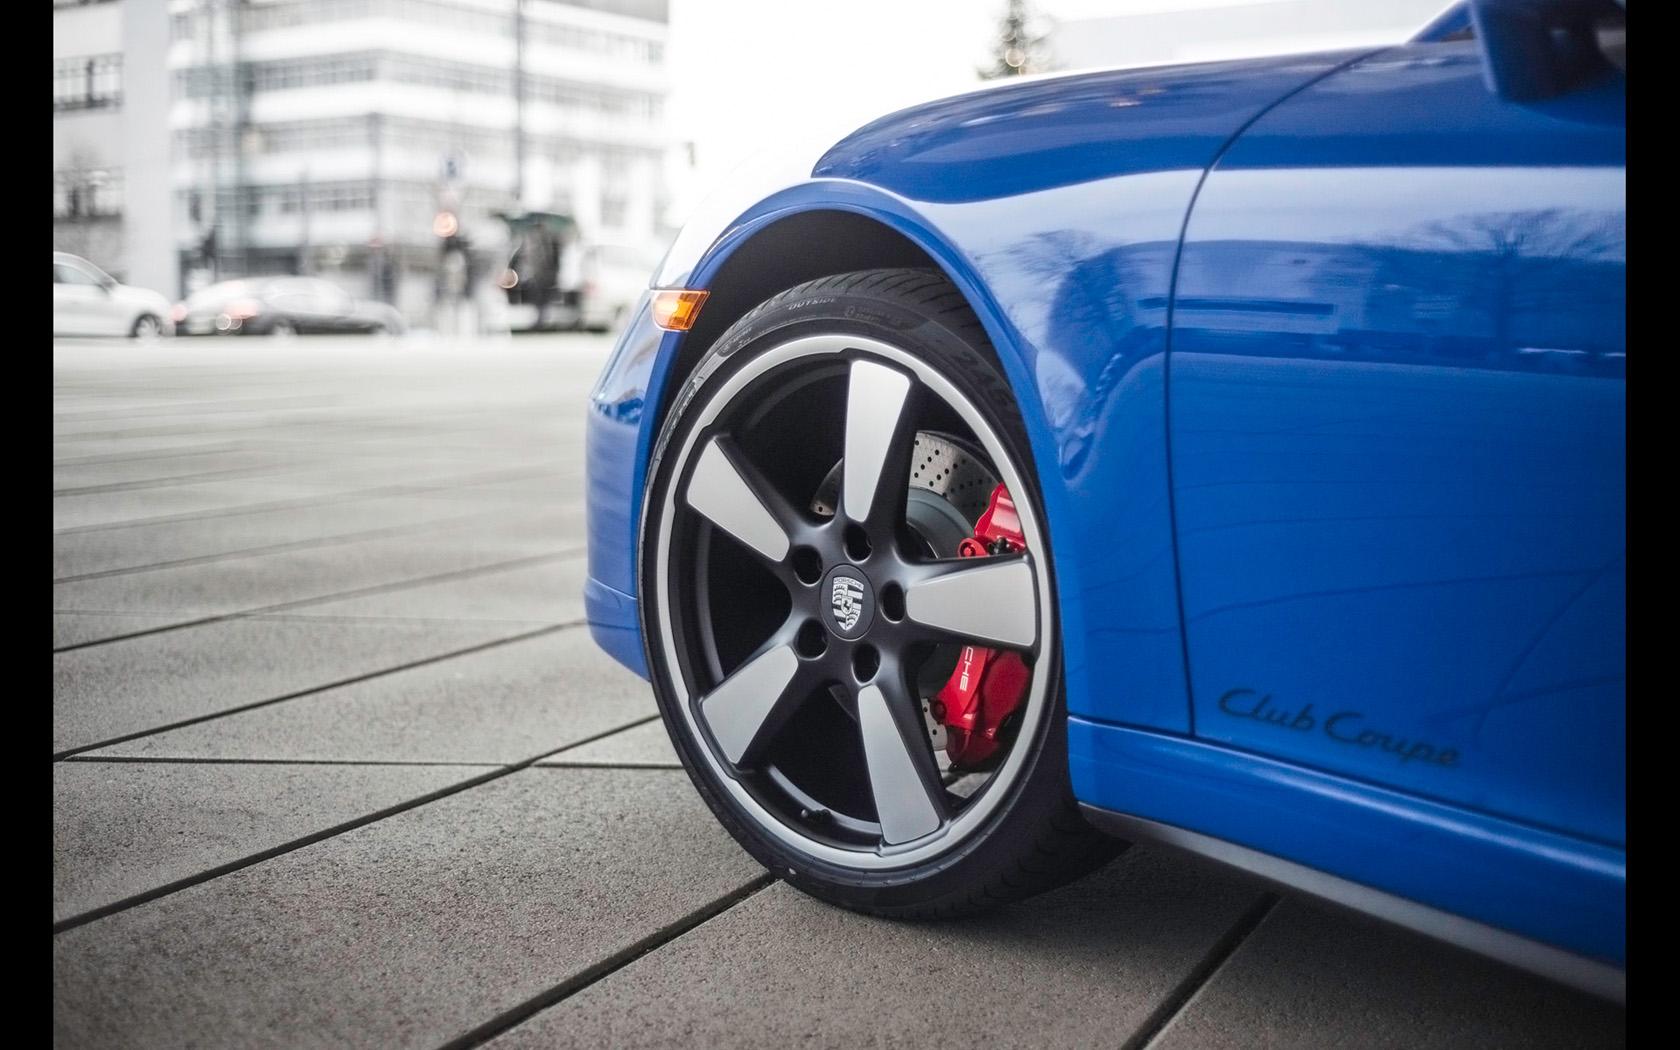 2015-Porsche-911-GTS-Club-Coupe-Details-1-1680x1050